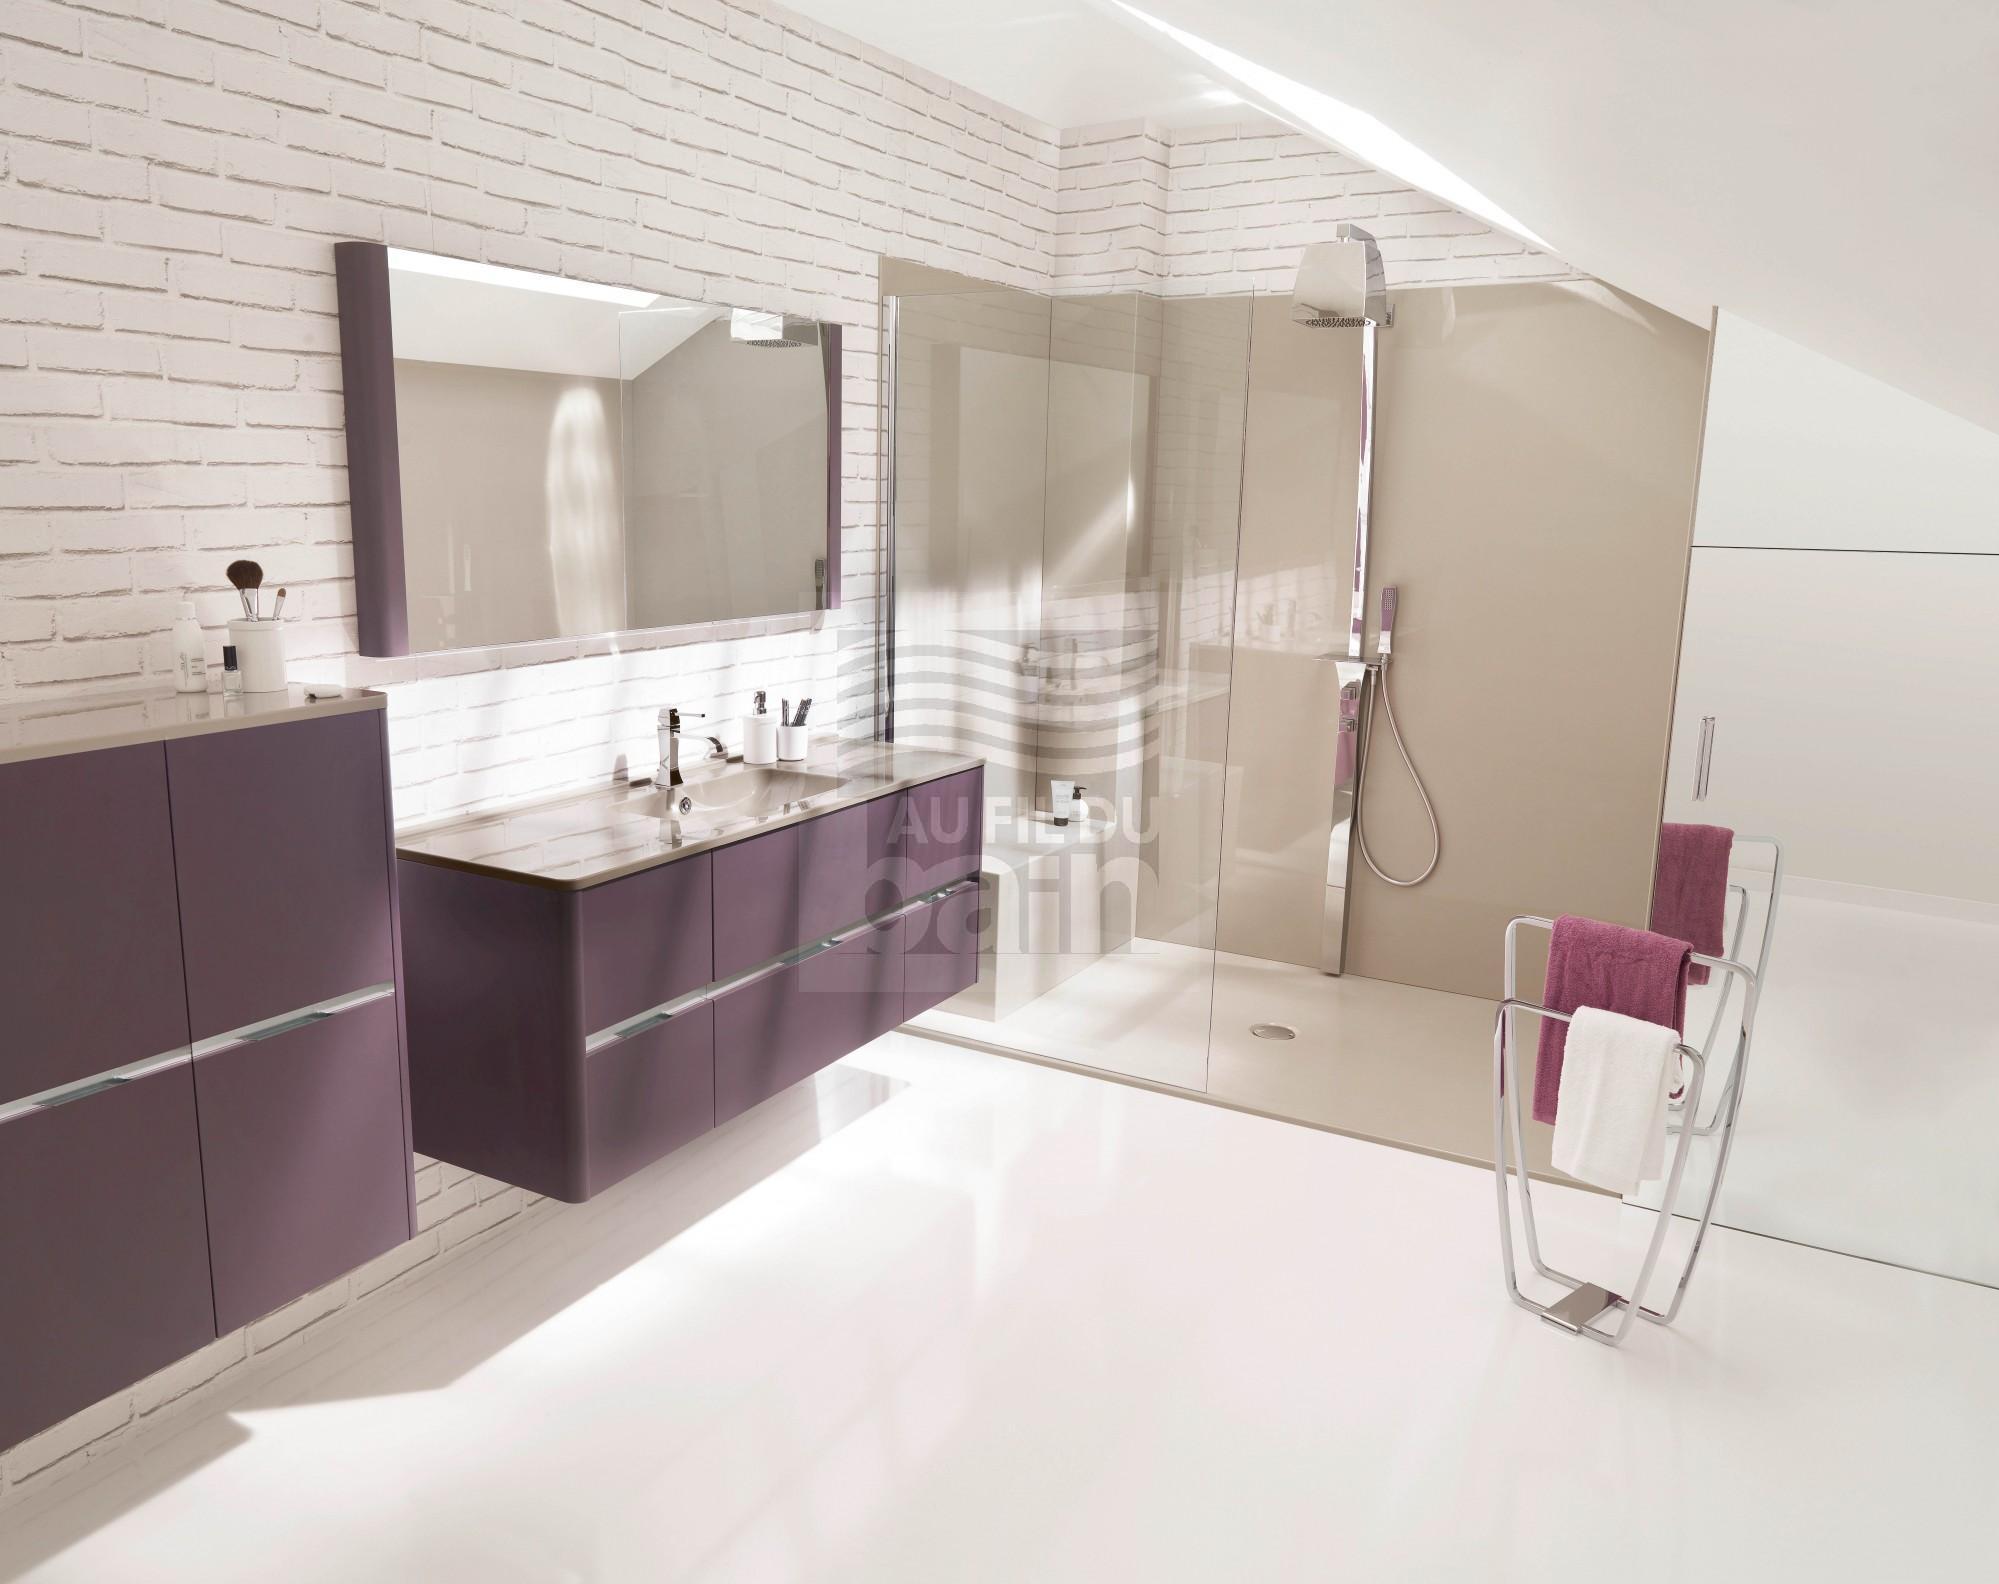 Meubles de salle de bains suspendus double vasque avec plan en beton de synthese ambiance bain for Vasque salle bain design